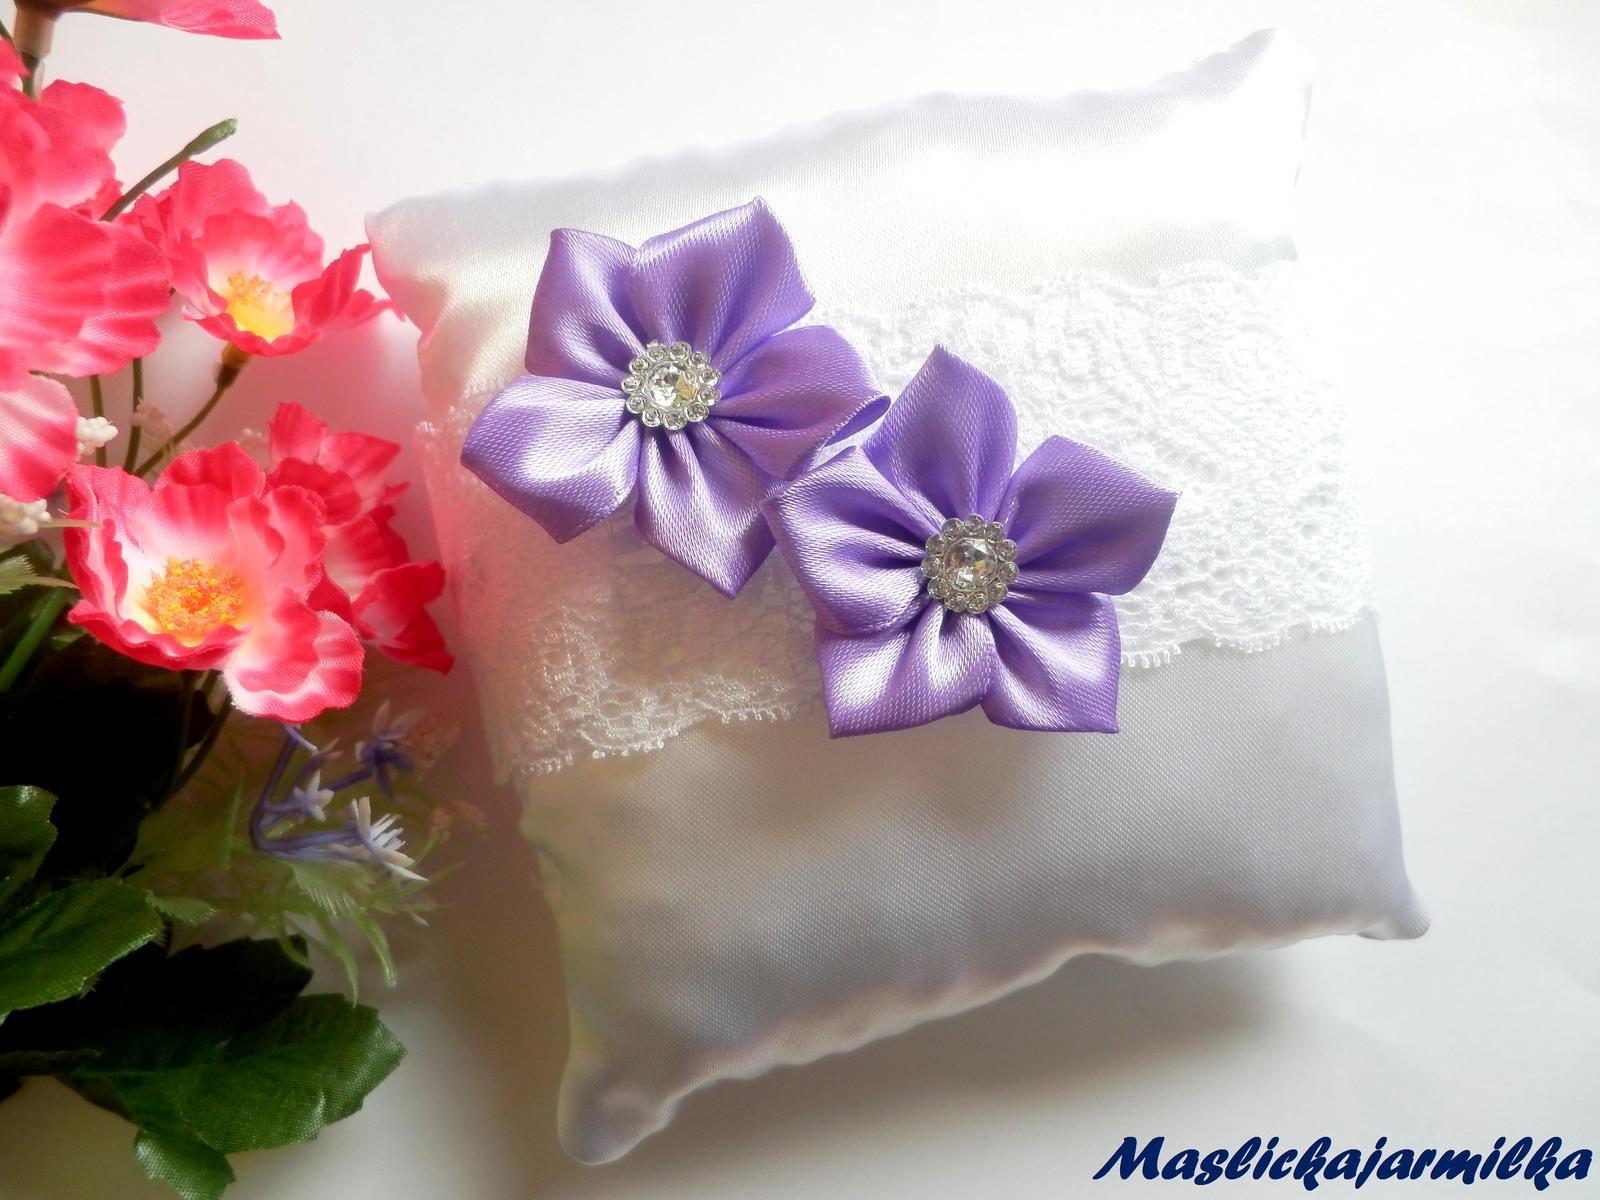 Svatební vývazky, podvazky, polštářky pod prstýnky, náramky.. - Obrázek č. 5